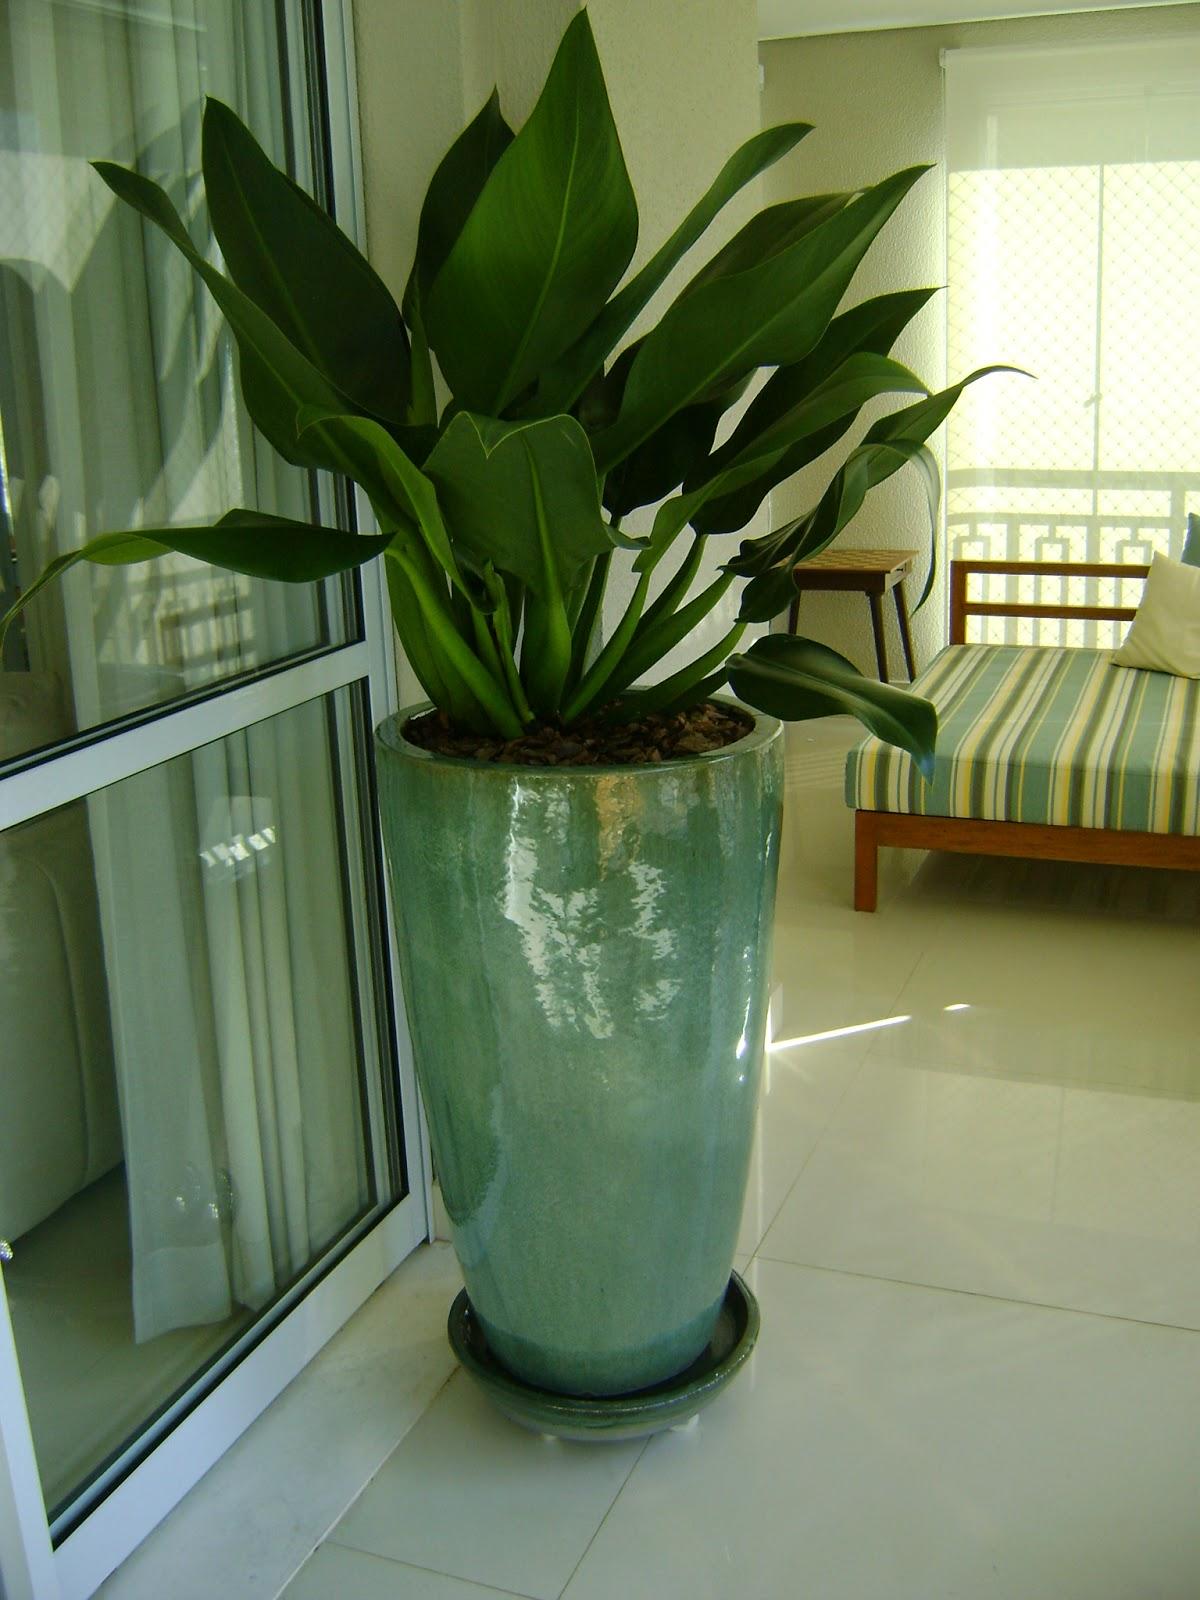 flores de jardim resistente ao sol:pacová não gosta de sol diretamente é ideal para interiores ou